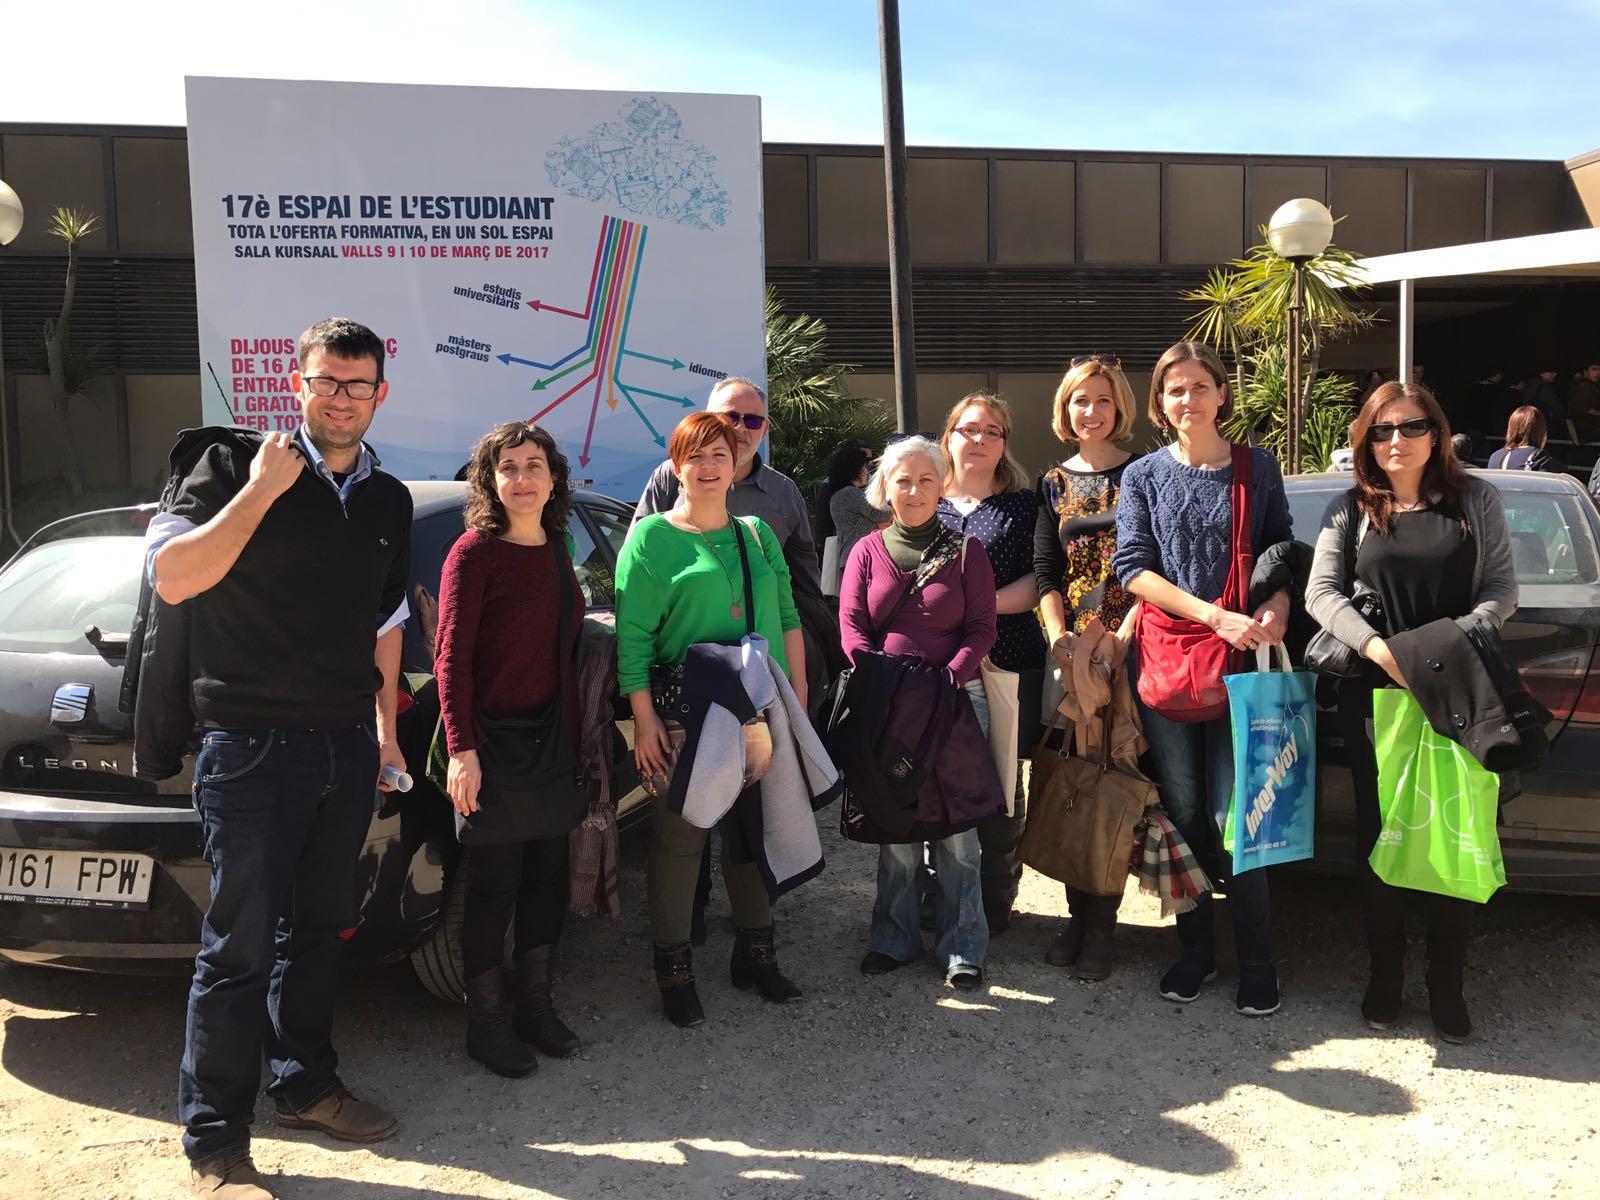 """Visita a la Fira de Valls """"espai de l'estudiant"""""""